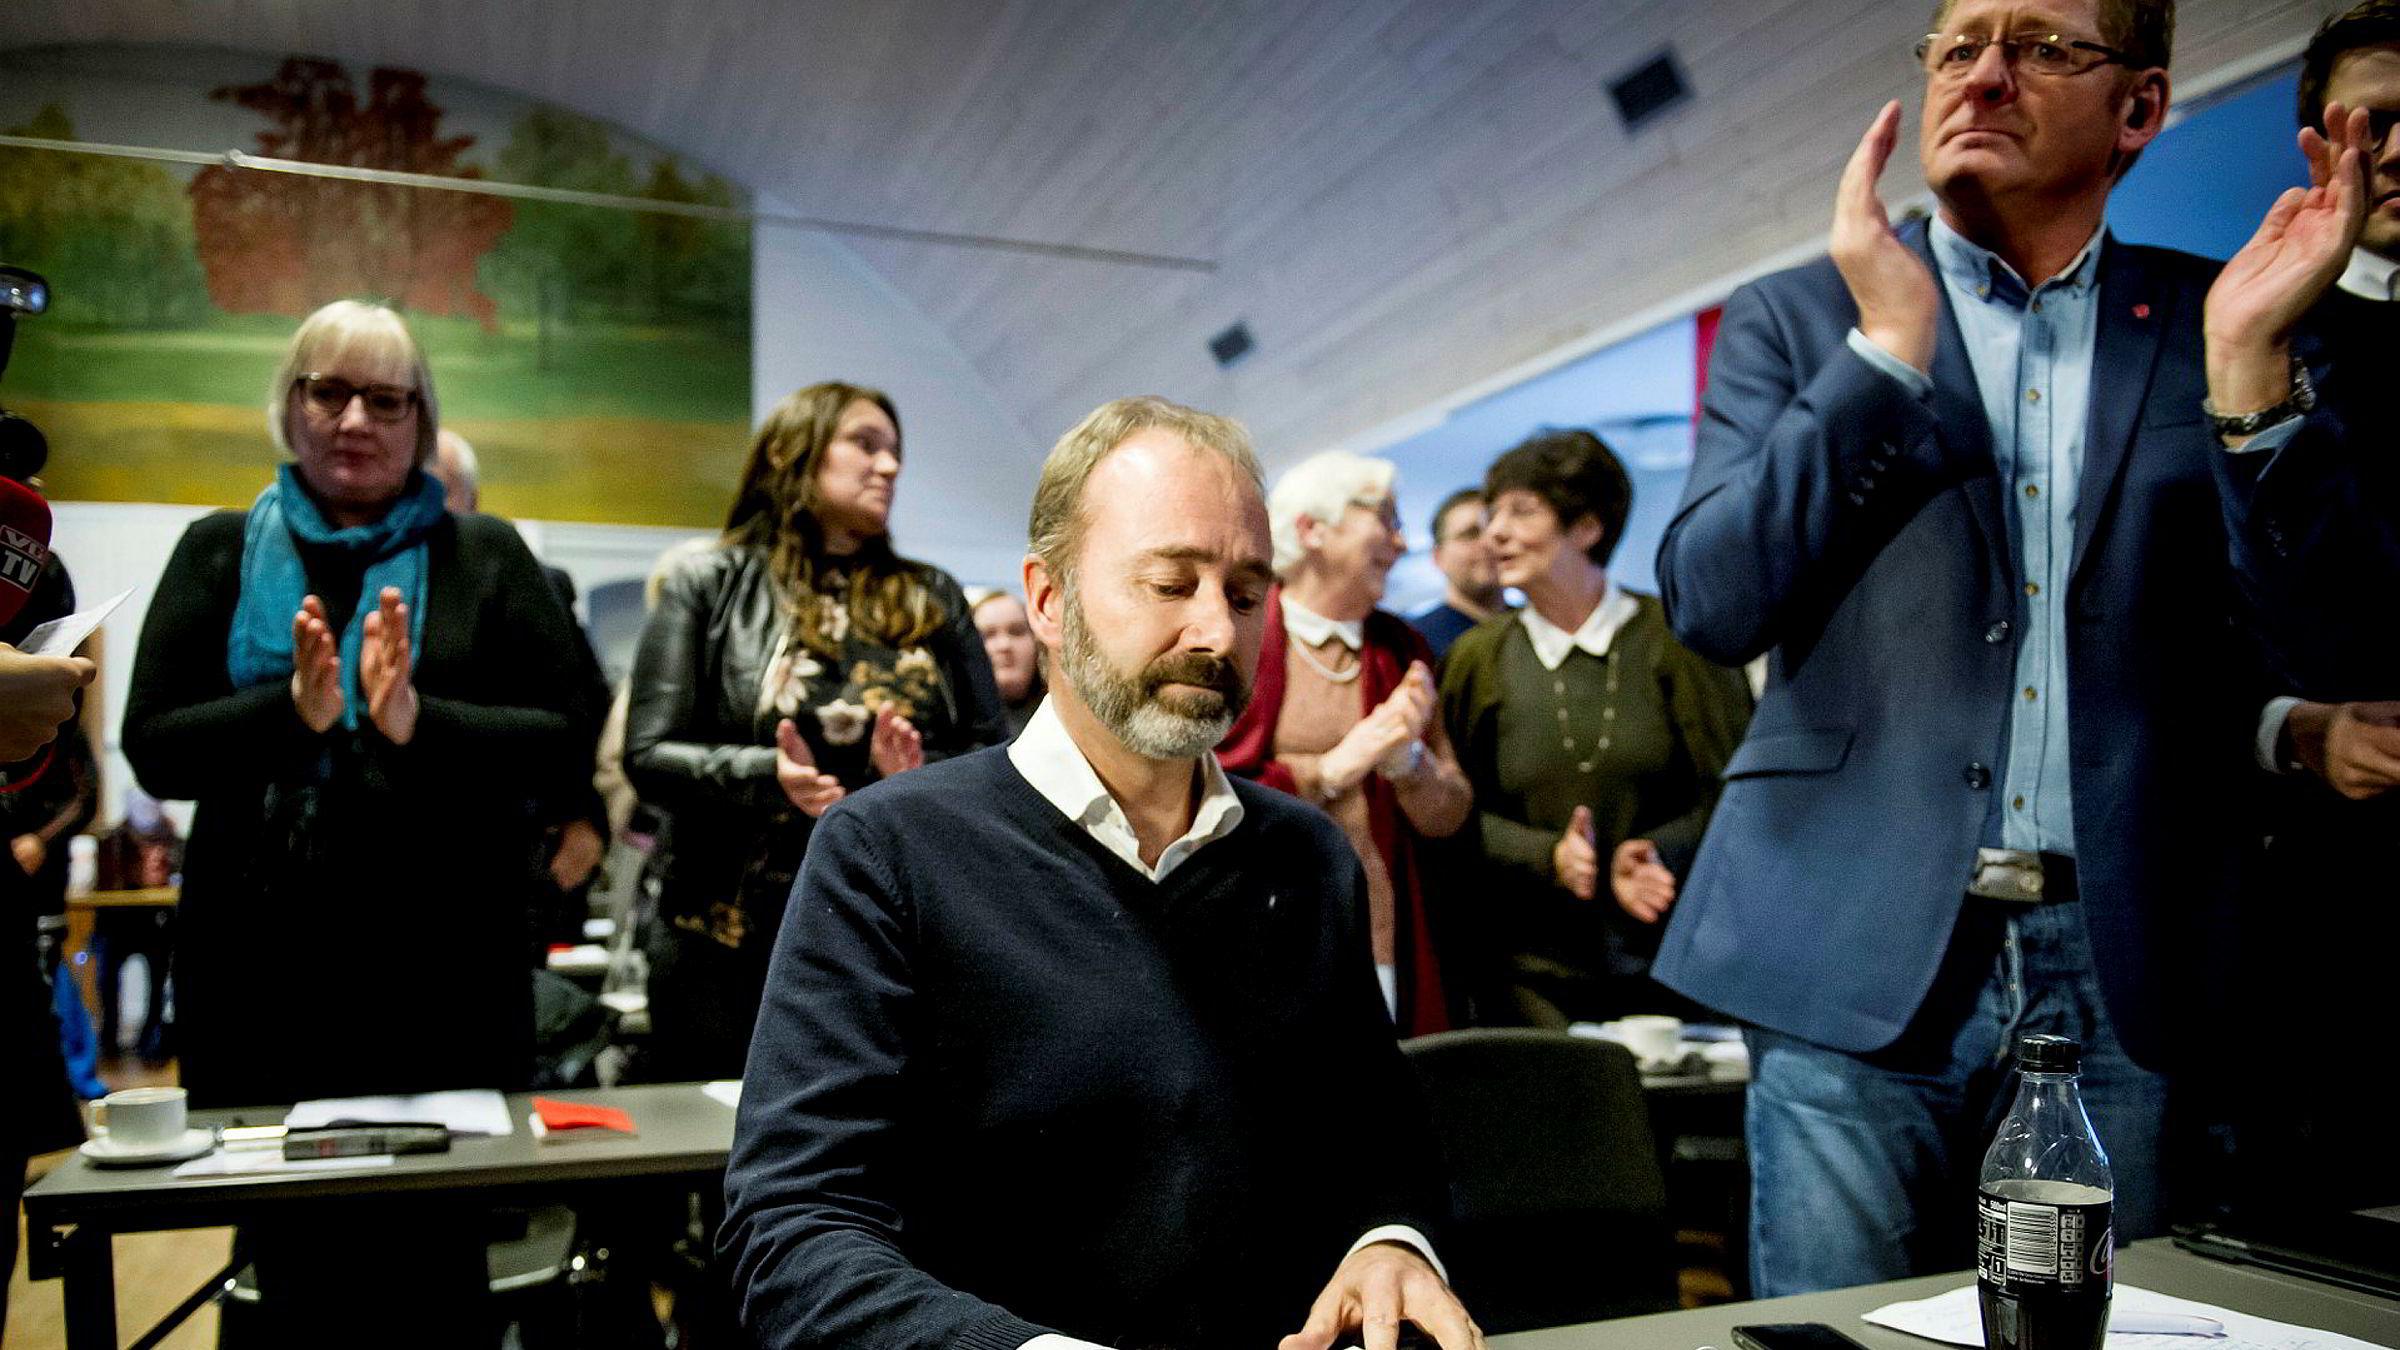 Giske var tydelig preget under møtet. Kompisen og stortingsrepresentanten Jorodd Asphjell klapper ved siden av.